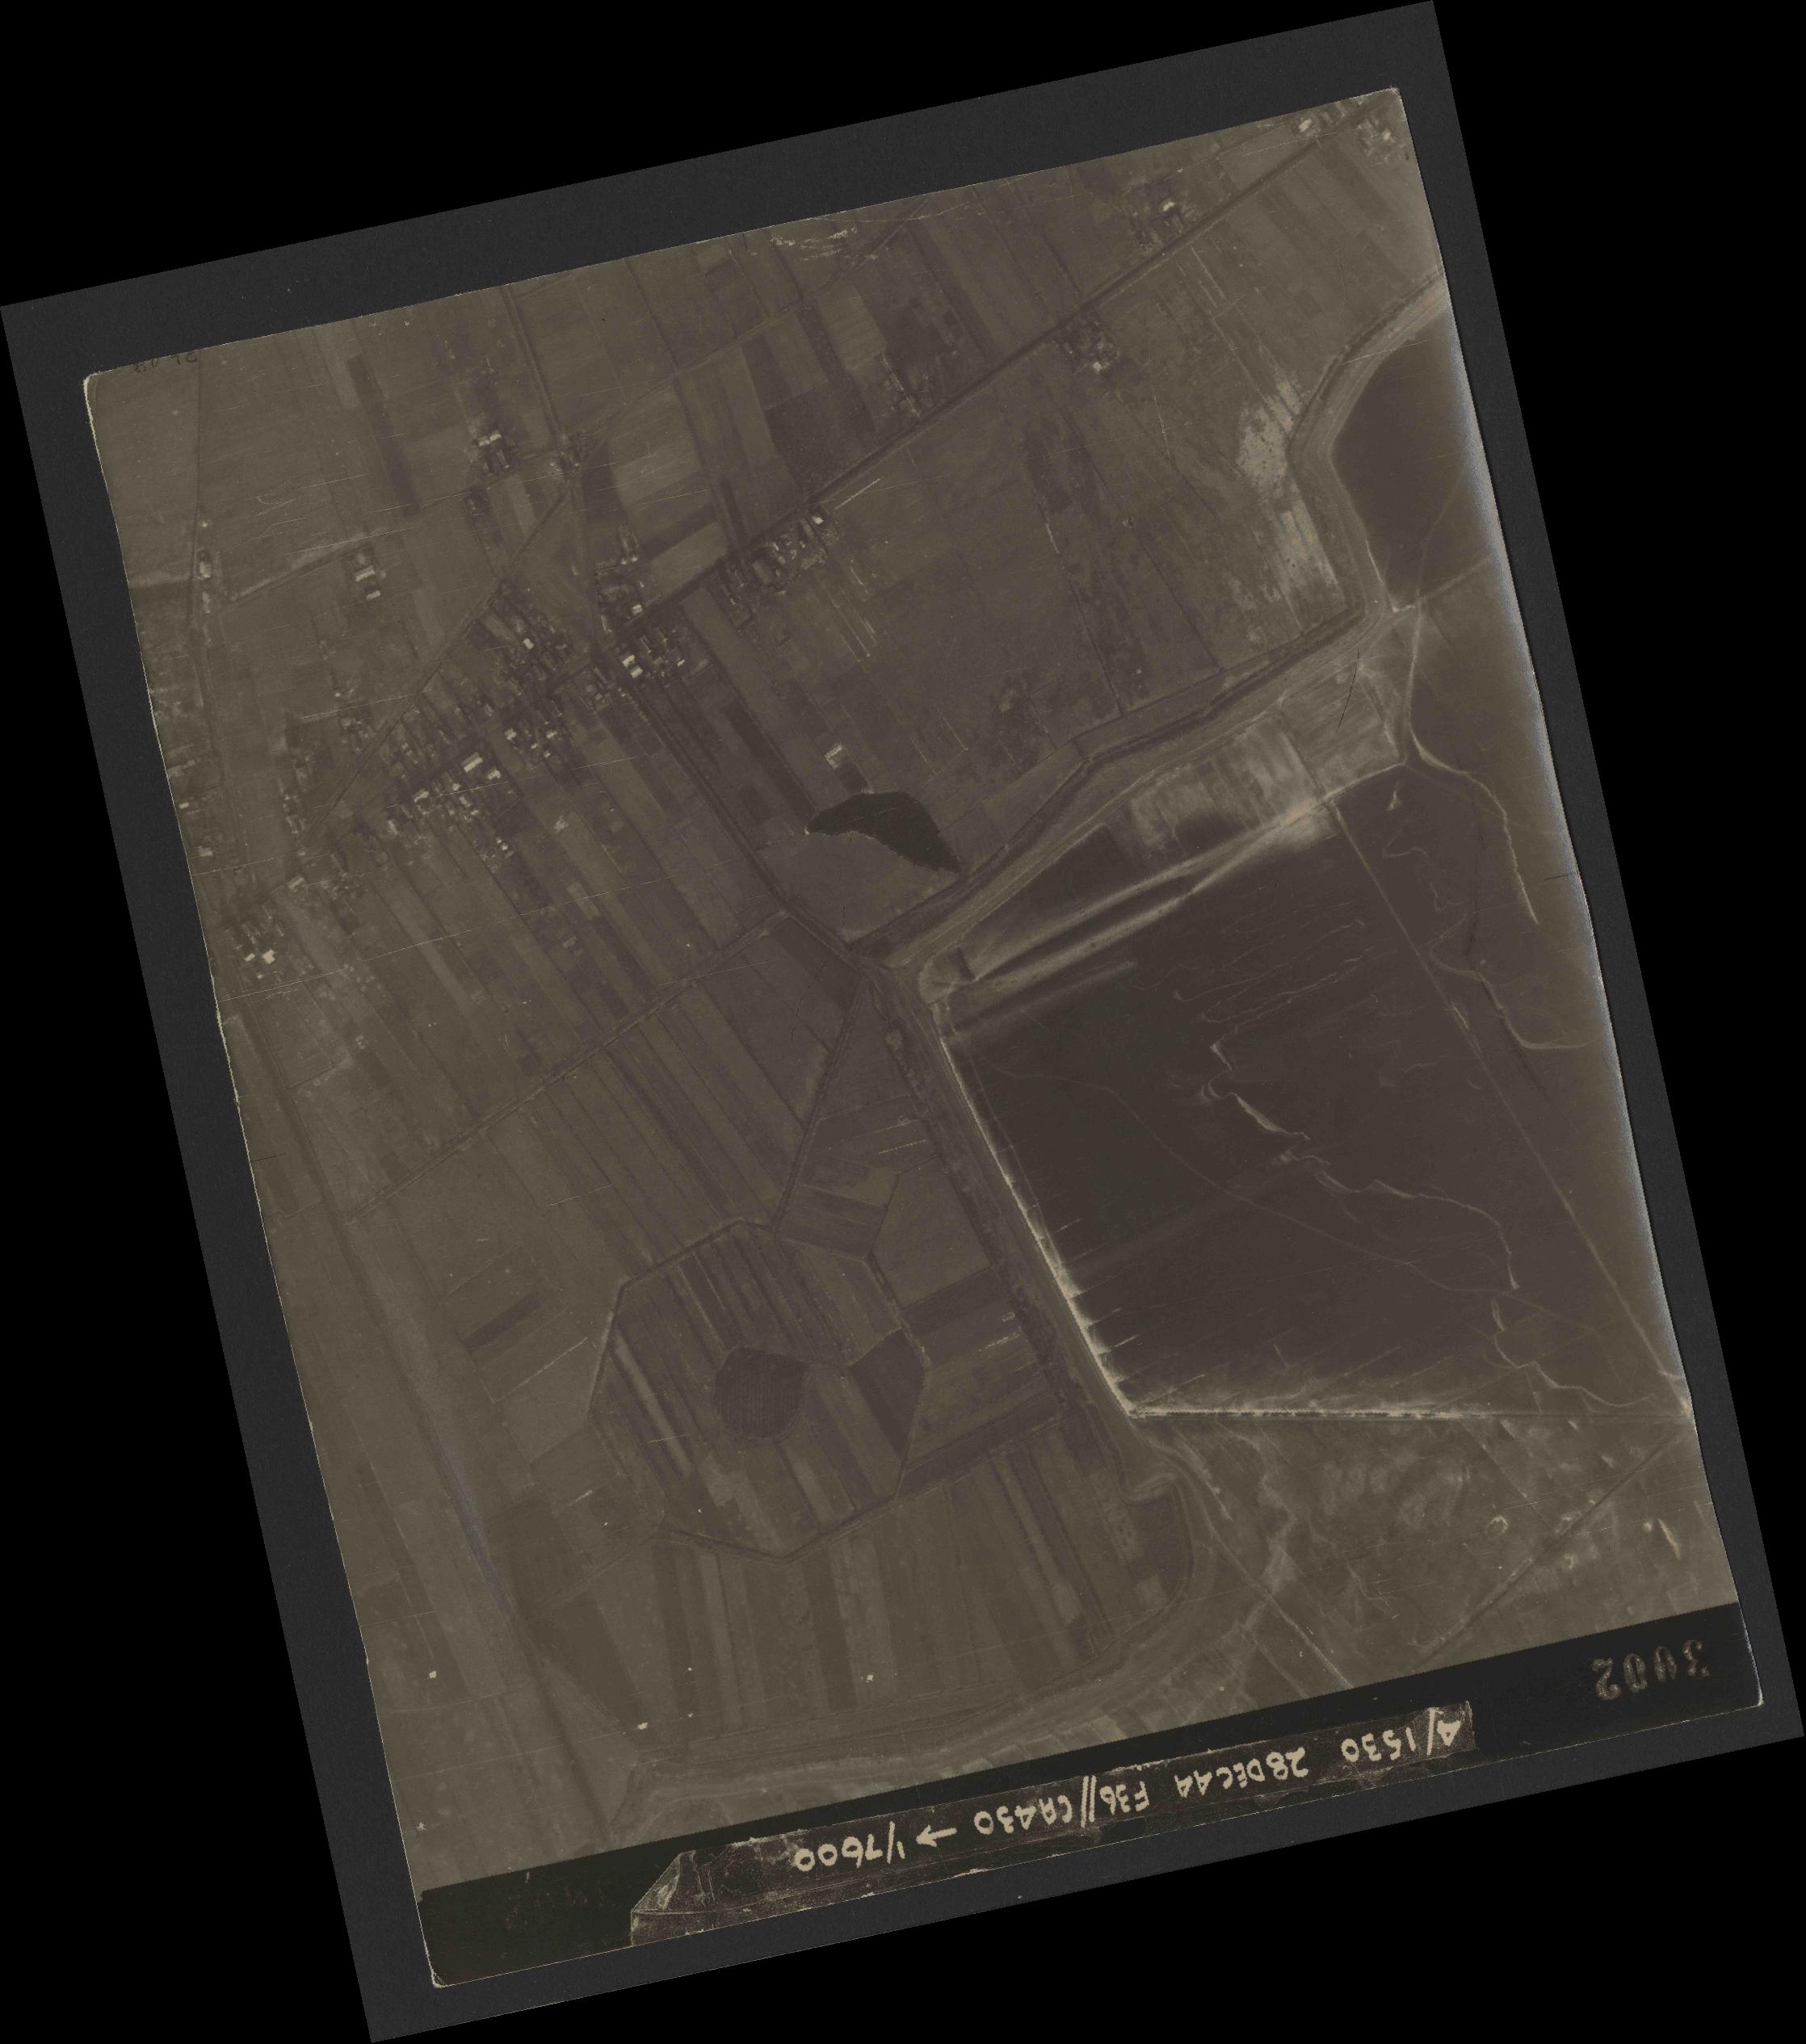 Collection RAF aerial photos 1940-1945 - flight 050, run 06, photo 3002